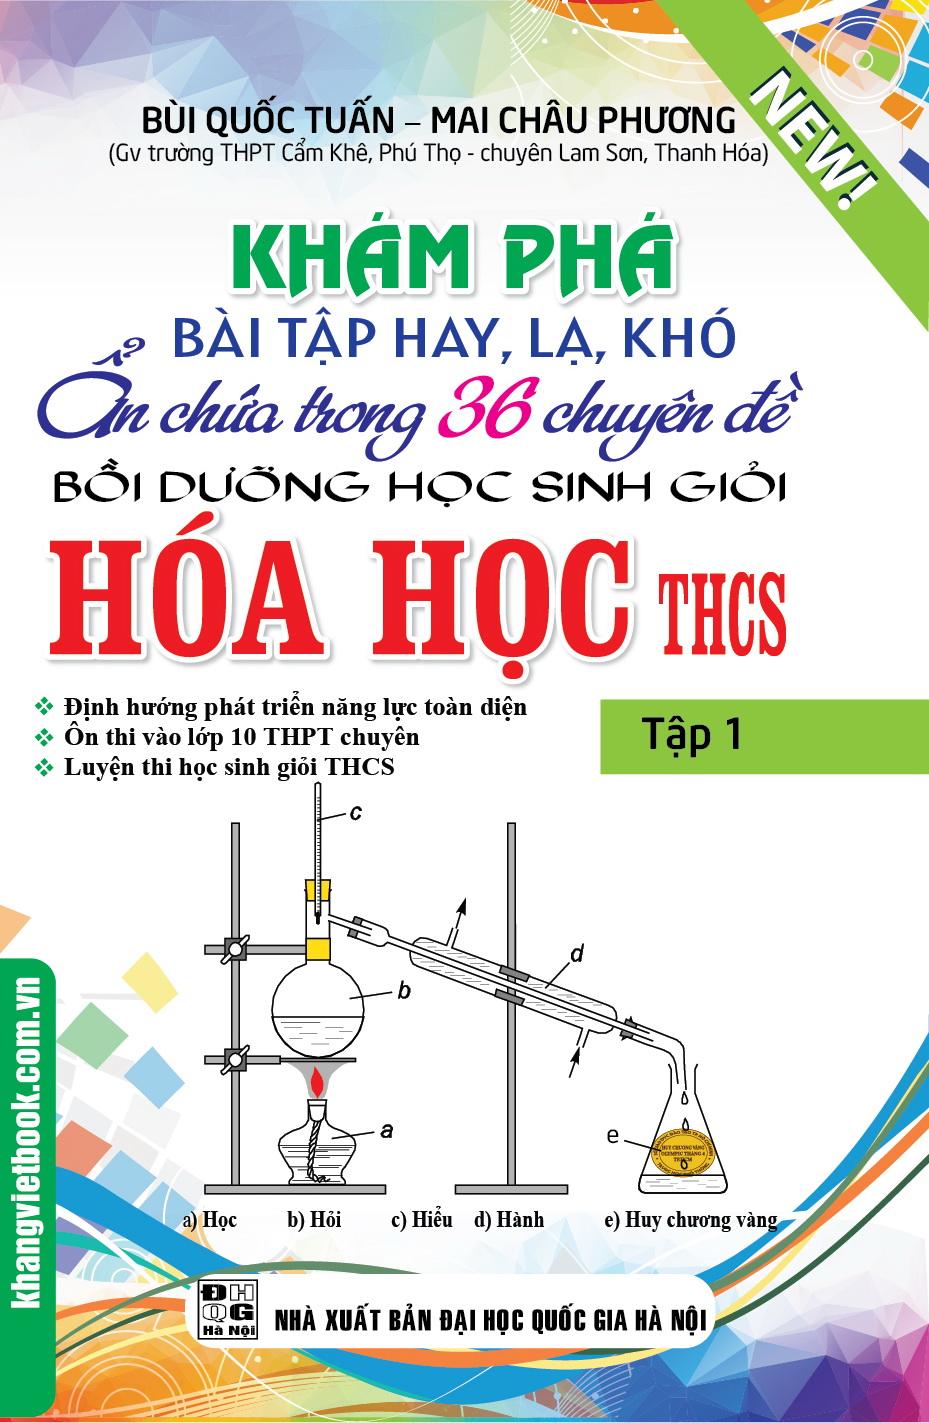 Khám Phá Bài Tập Hay, Lạ, Khó Ẩn Chứa Trong 36 Chuyên Đề Bồi Dưỡng Học Sinh Giỏi Hóa Học THCS (Tập 1) - 8935092536033,62_179822,224000,tiki.vn,Kham-Pha-Bai-Tap-Hay-La-Kho-An-Chua-Trong-36-Chuyen-De-Boi-Duong-Hoc-Sinh-Gioi-Hoa-Hoc-THCS-Tap-1-62_179822,Khám Phá Bài Tập Hay, Lạ, Khó Ẩn Chứa Trong 36 Chuyên Đề Bồi Dưỡng Học Sinh Giỏi Hóa Học THCS (Tập 1)